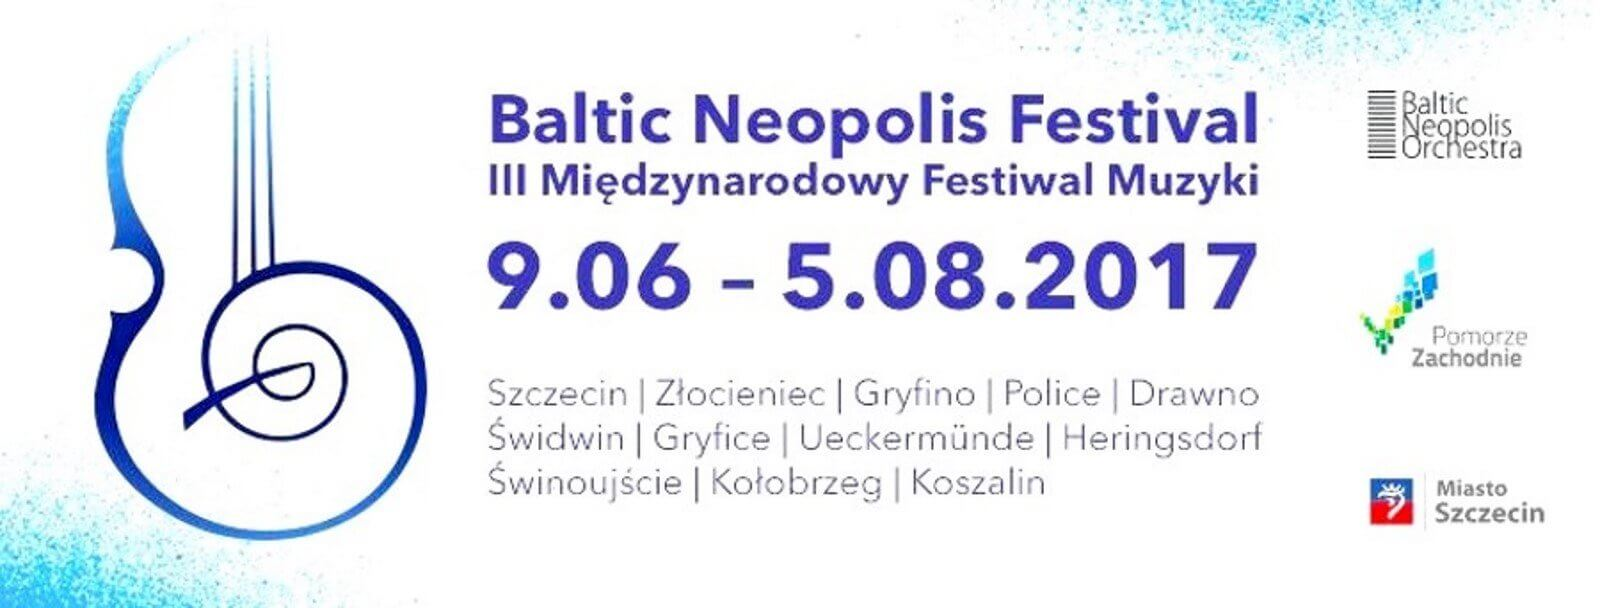 Już 9 czerwca rozpoczynamy po raz trzeci Baltic Neopolis Festival